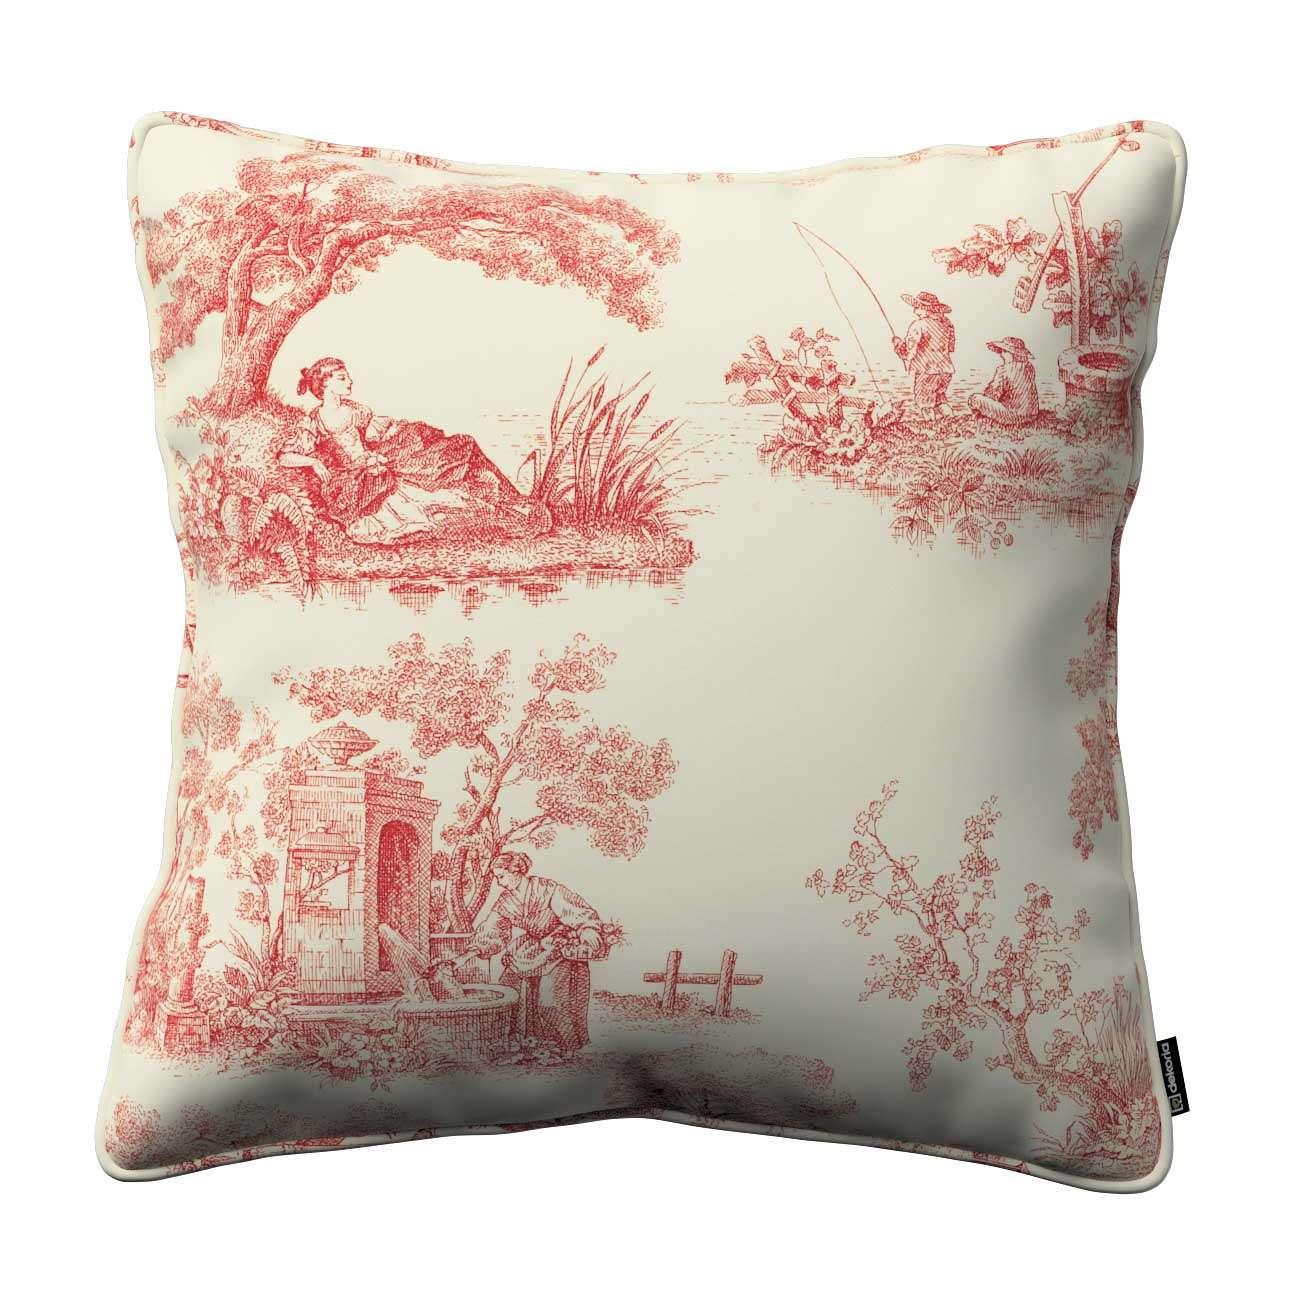 Poszewka Gabi na poduszkę 45 x 45 cm w kolekcji Avinon, tkanina: 132-15